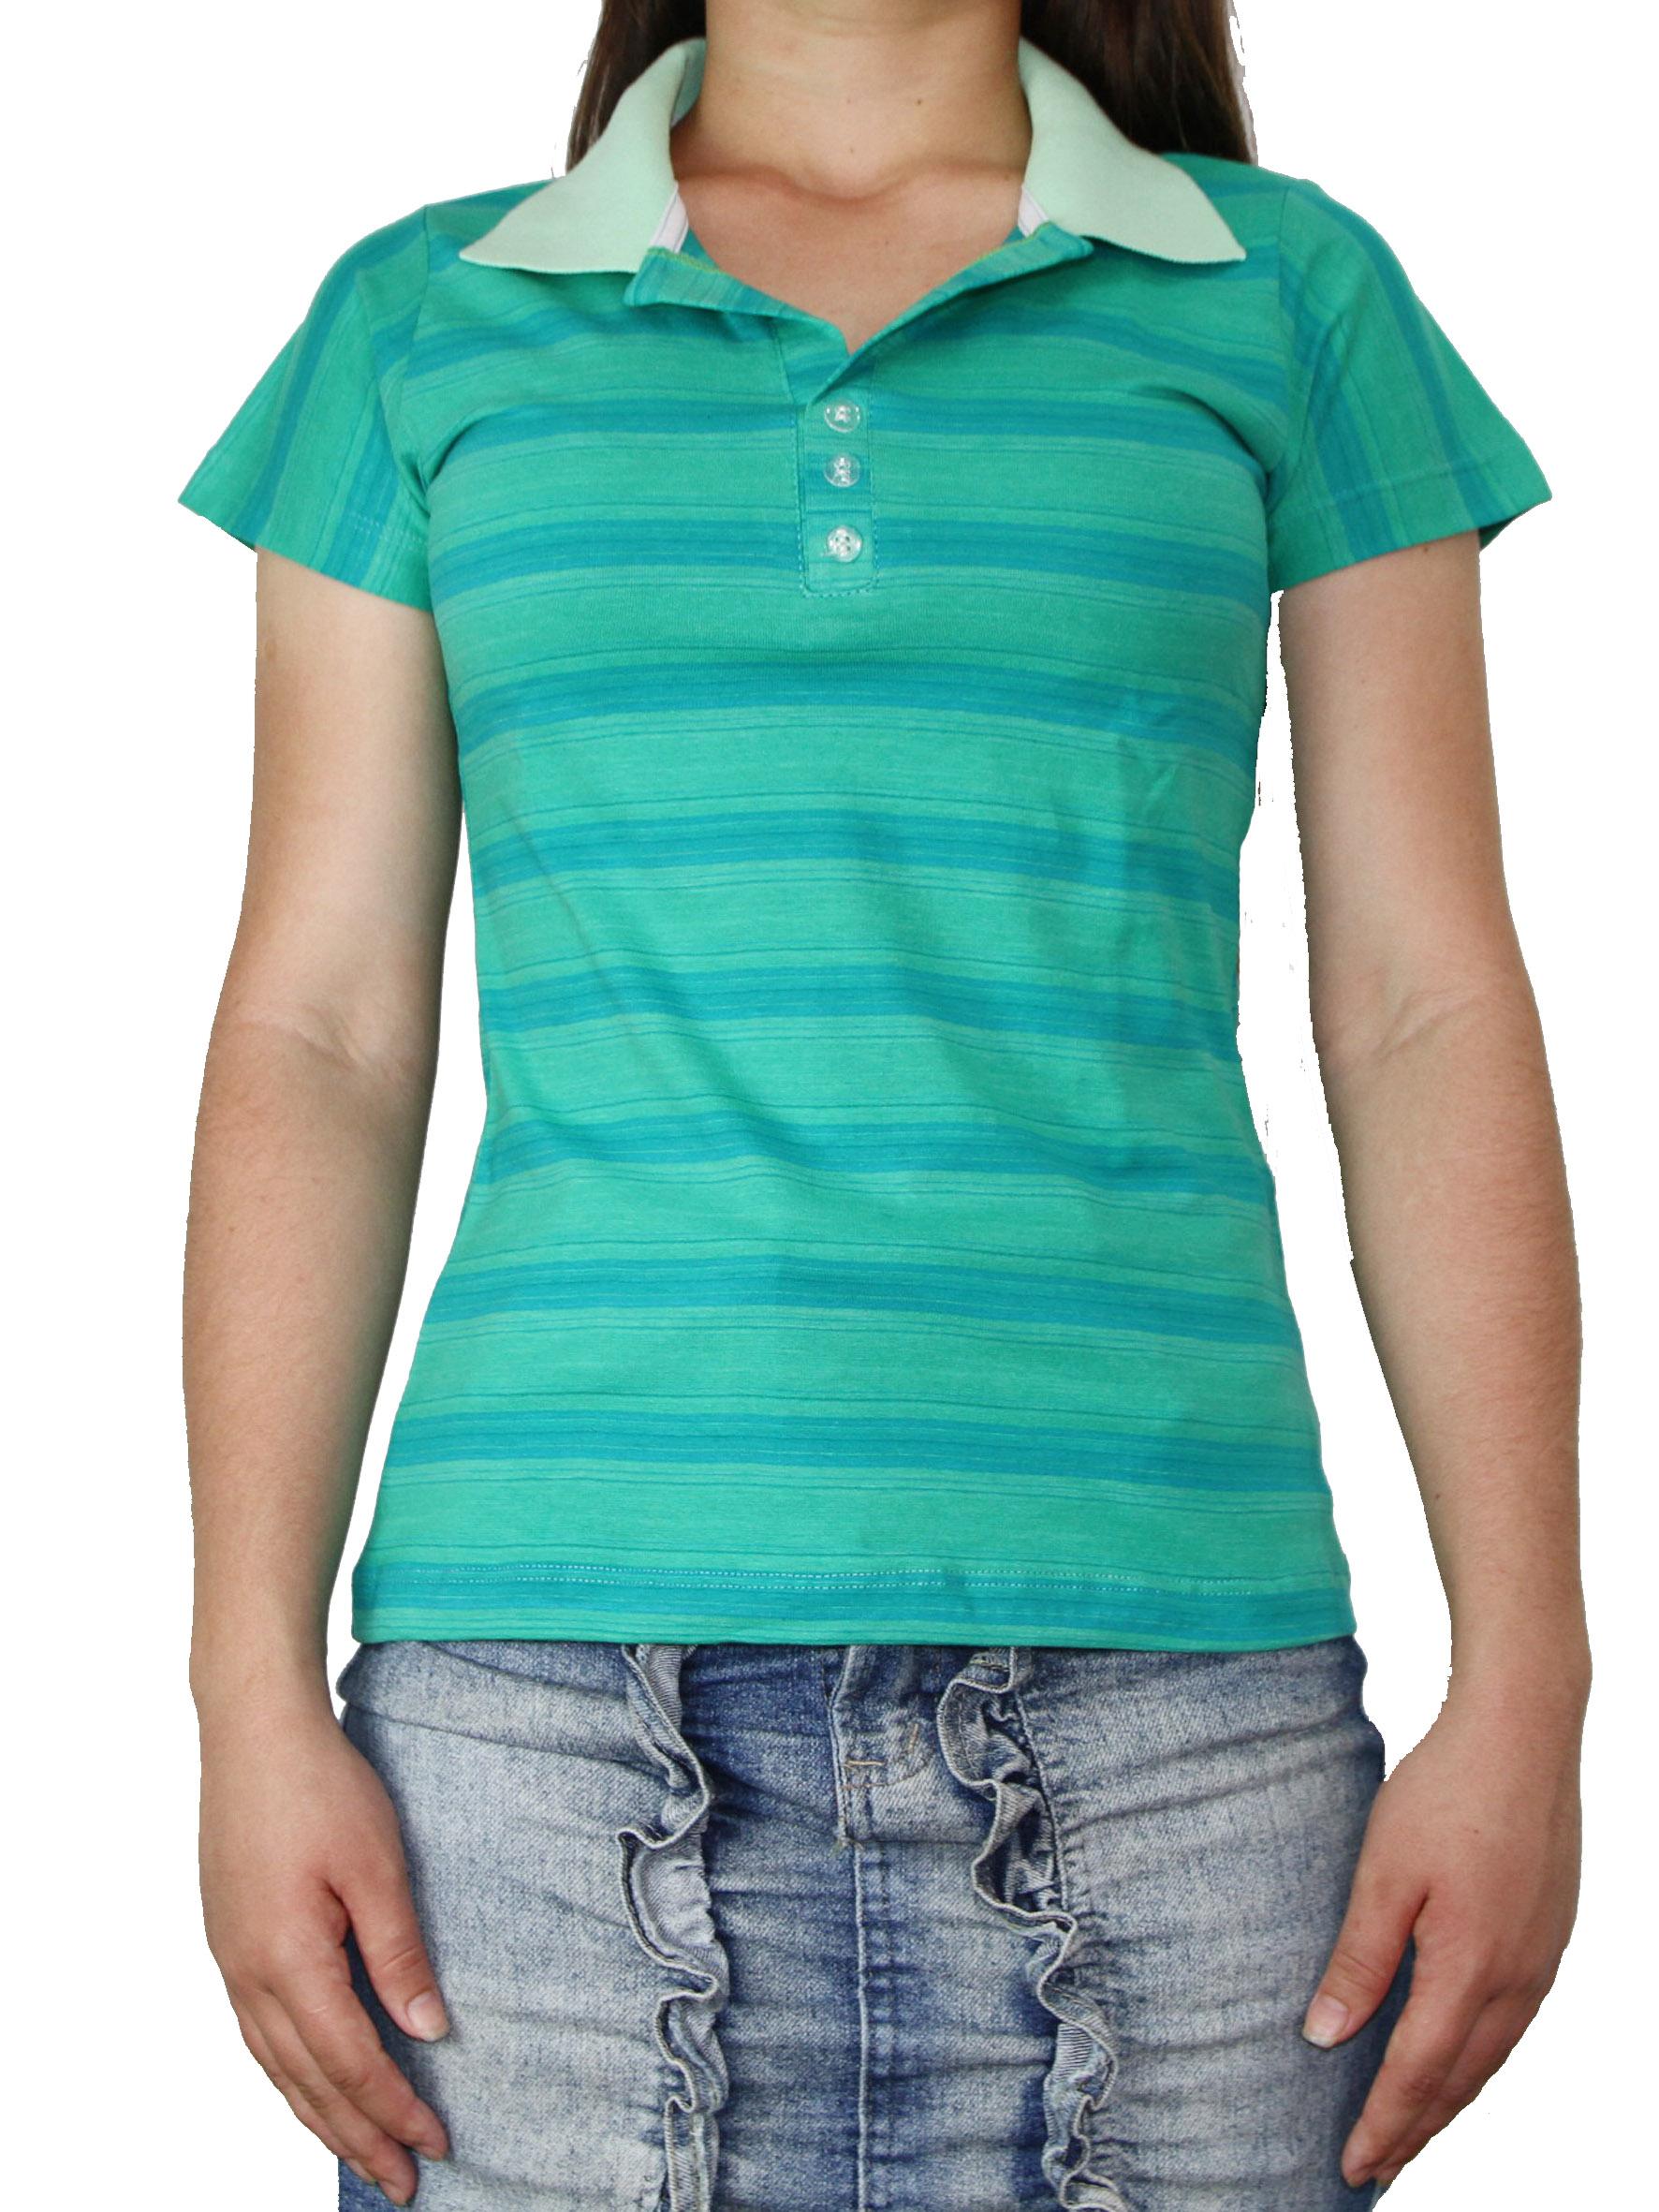 20 Camisas Gola Polo Feminina Gola Polo Feminina No Atacado no Elo7 ... ec81524cfbd03